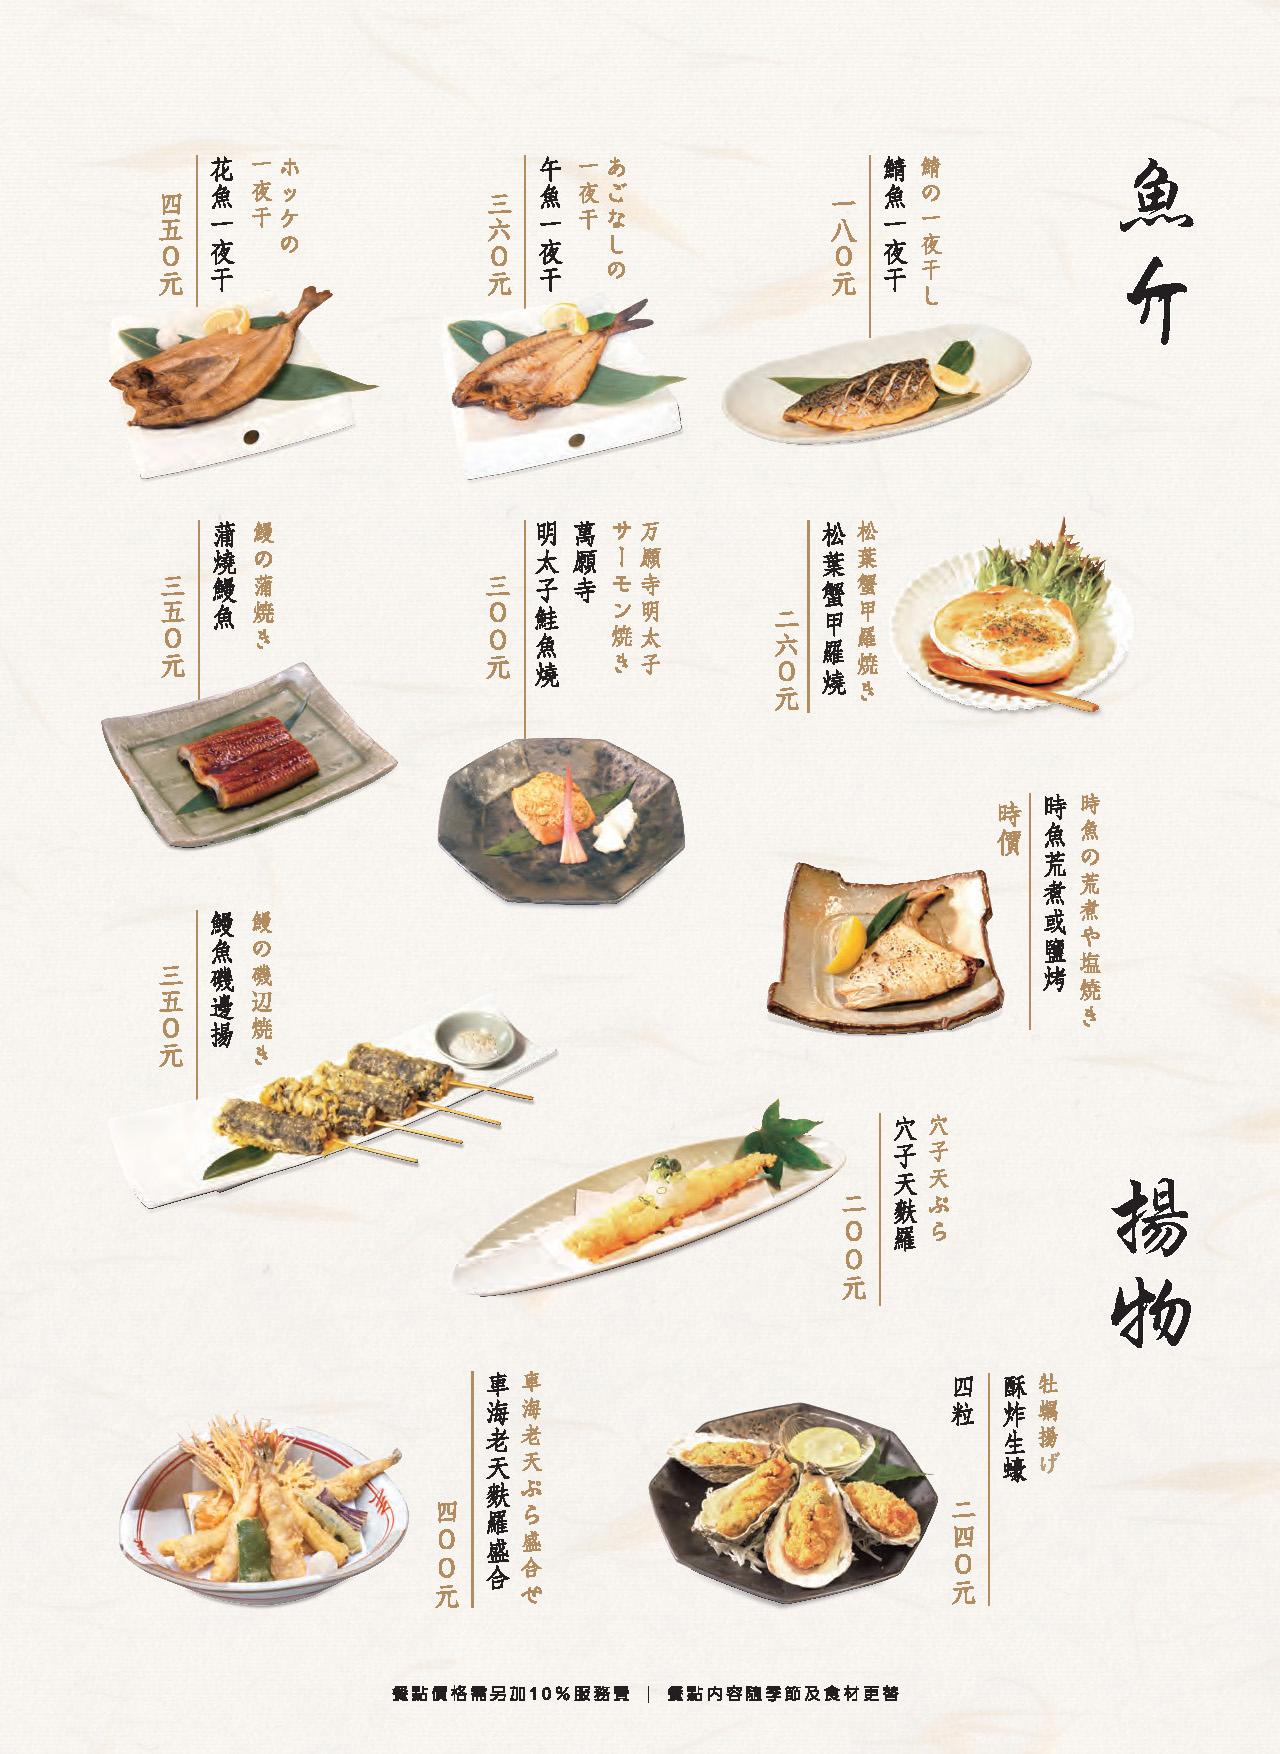 莞固和食 GANKO 台北大直店菜單 - 魚 揚物